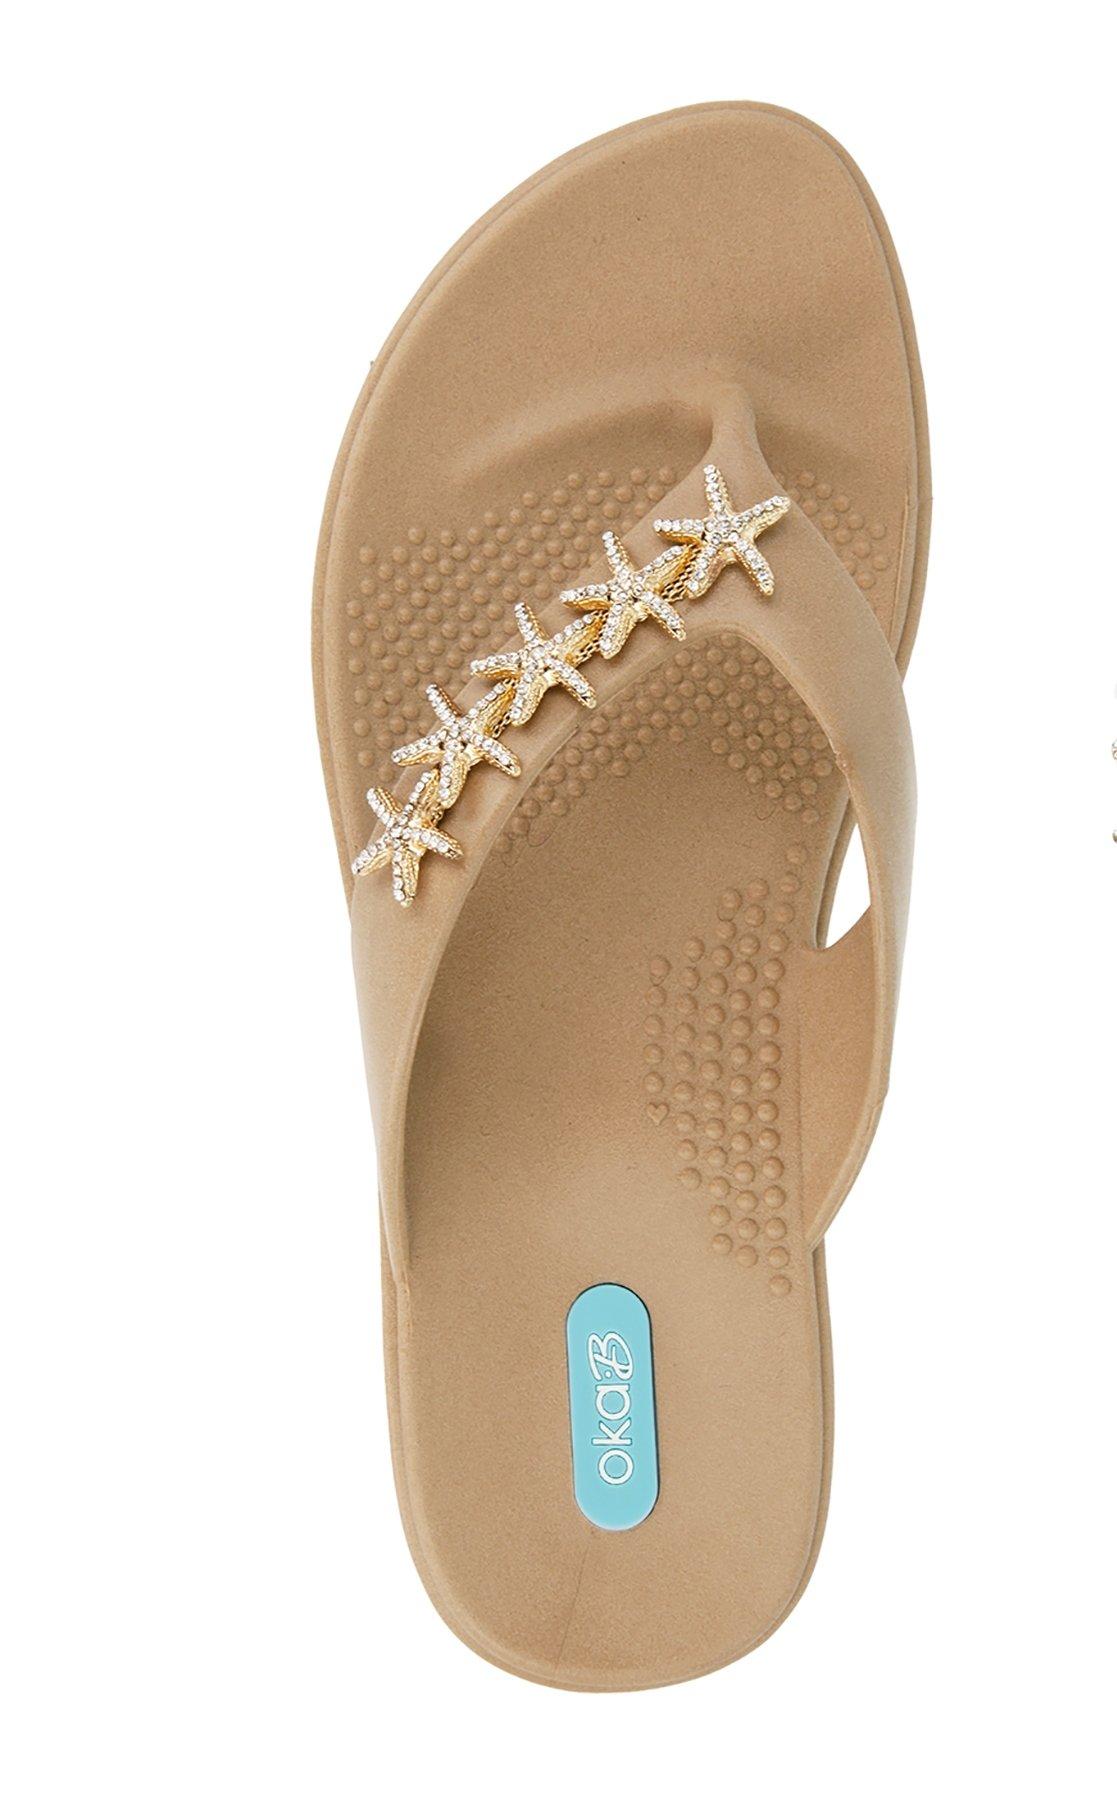 Gillian Flip Flop Sandal Shoes by OkaB Color Chai (M)